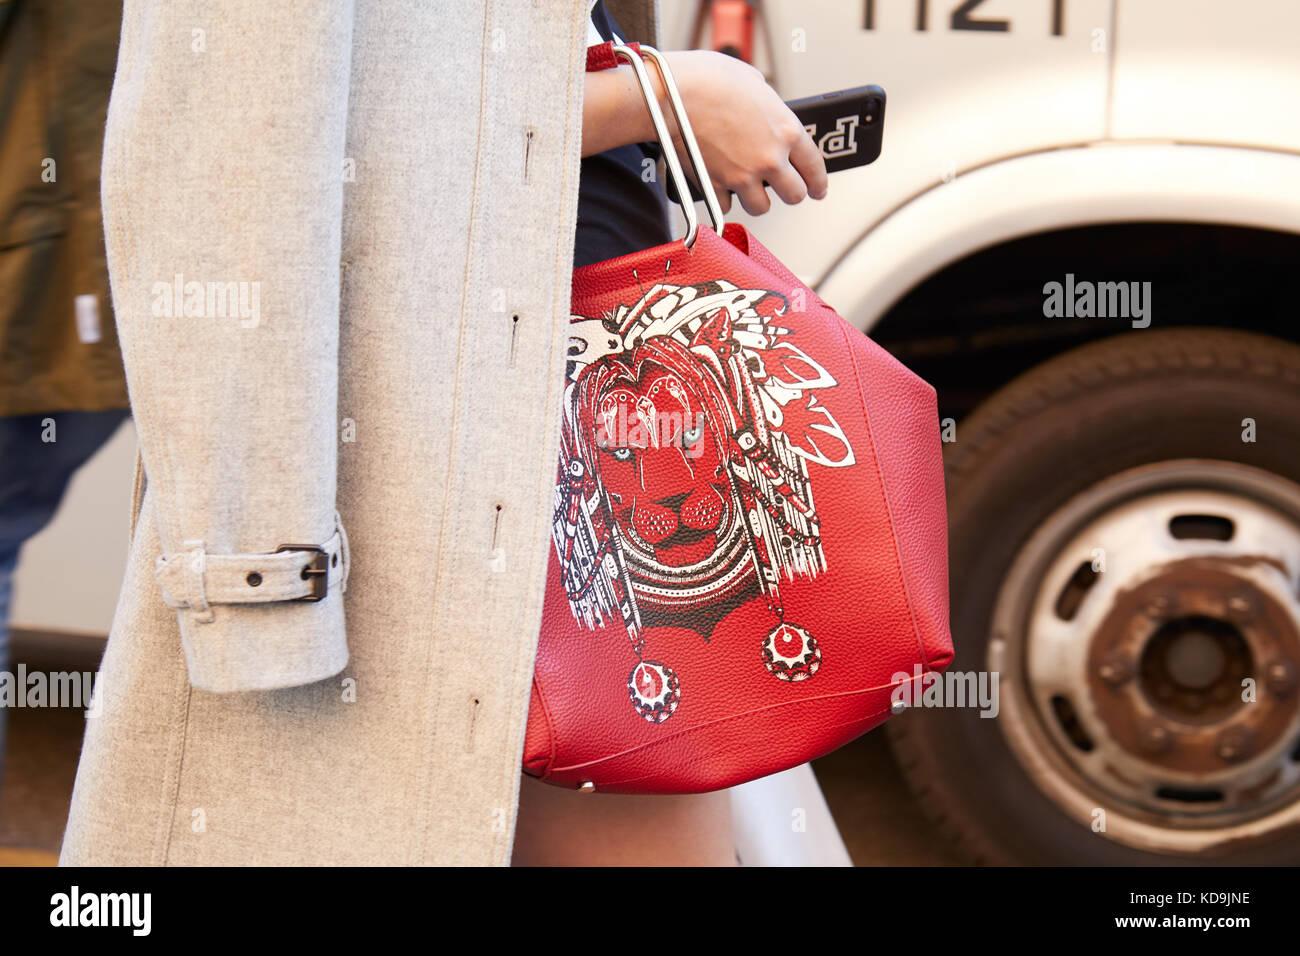 18809310c milan-21-de-septiembre-mujer-con-bolsa-de-cuero-rojo -con-diseno-de-leon-antes-de-prada-fashion-show-la-semana-de-la-moda-de-milan- street-style-en-septiembre ...